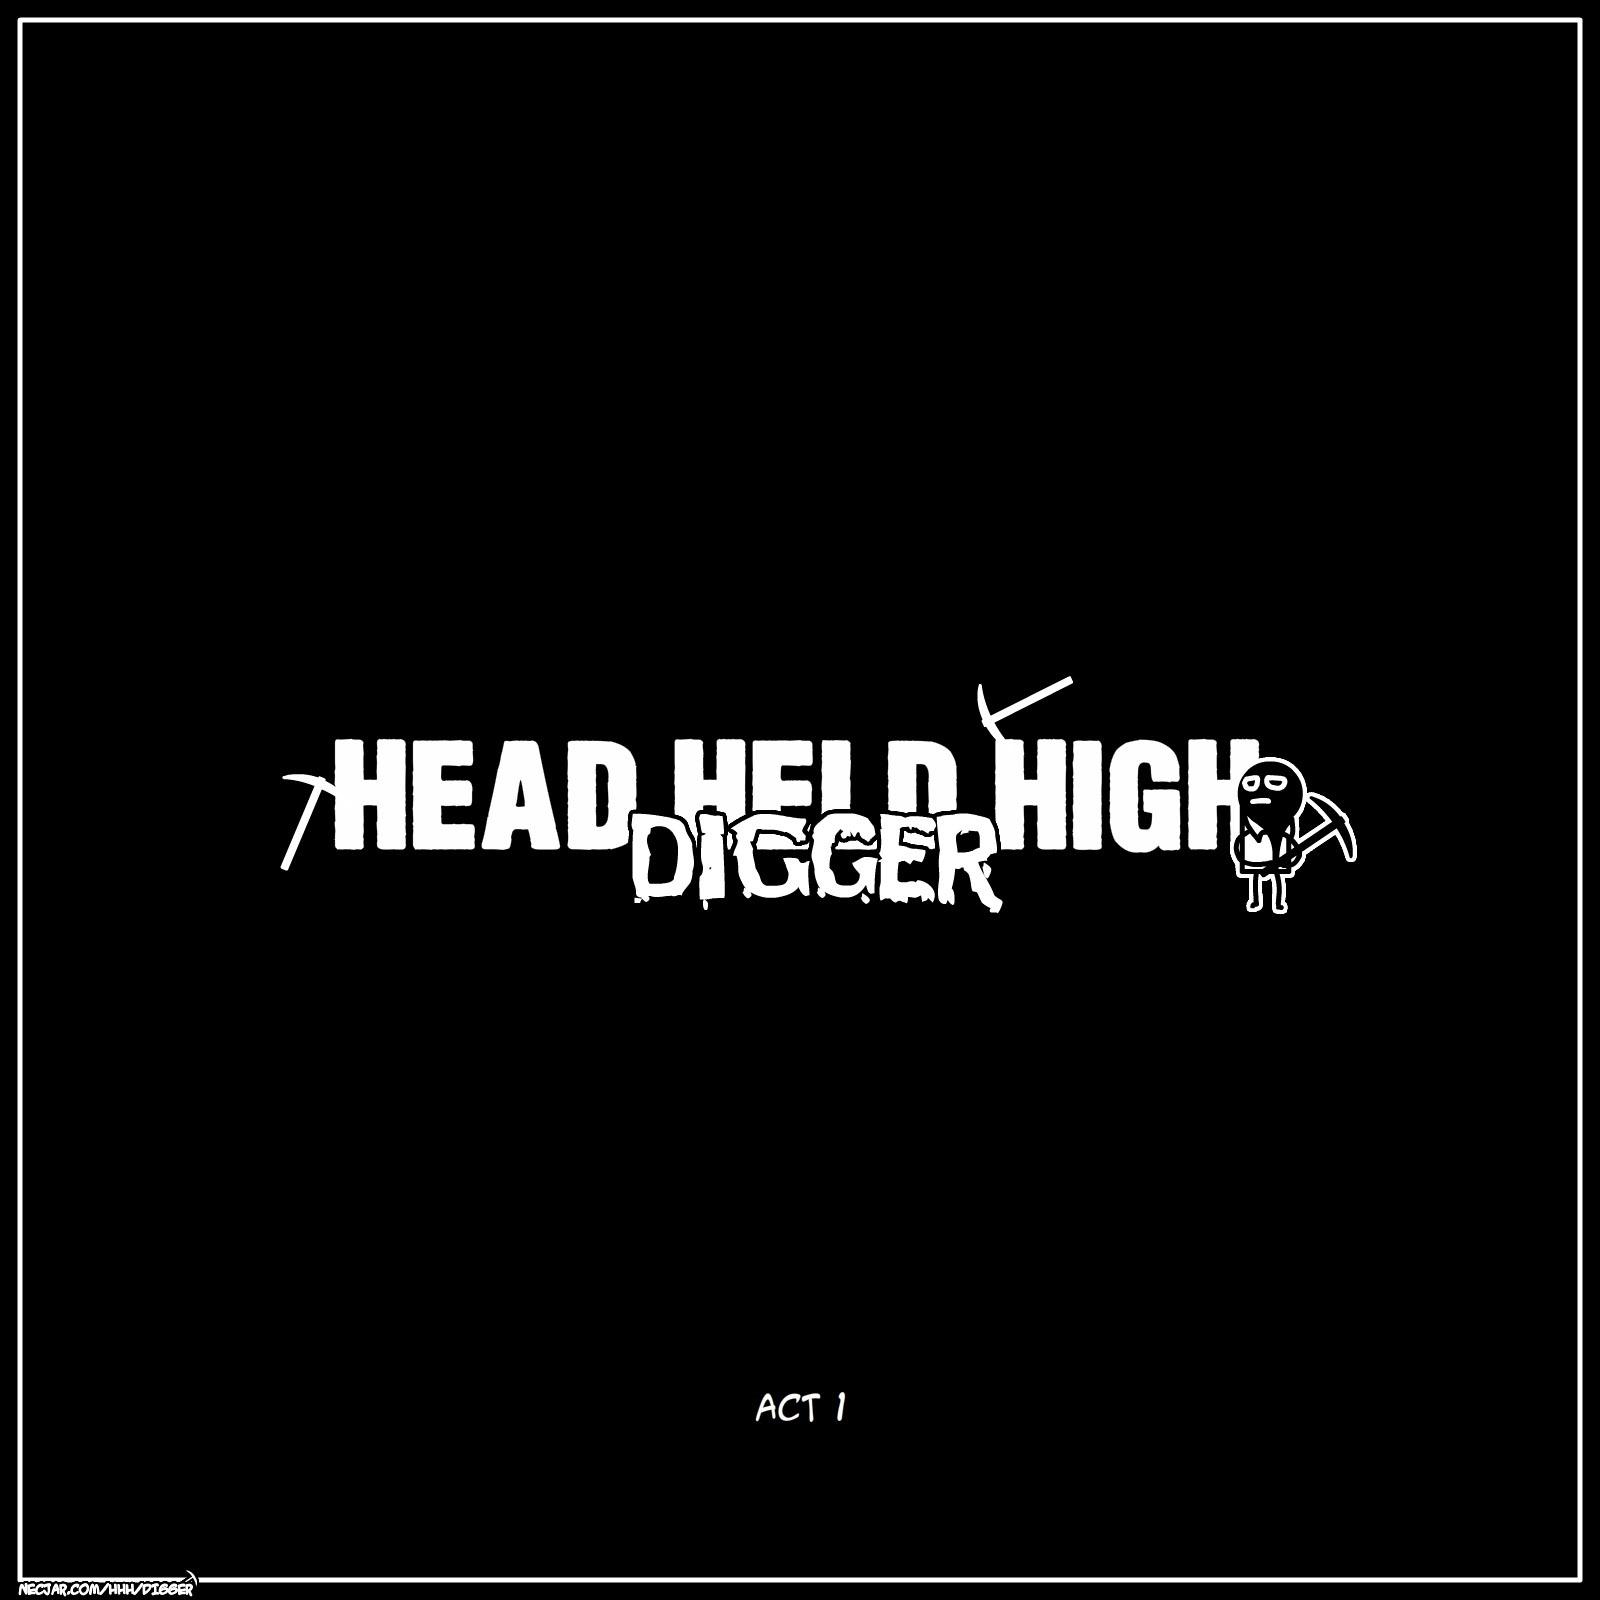 Head Held High: Digger, Digby, Digger, comics, HHH, Head Held High, Head Held High: Digger, Высоко Поднятая Голова